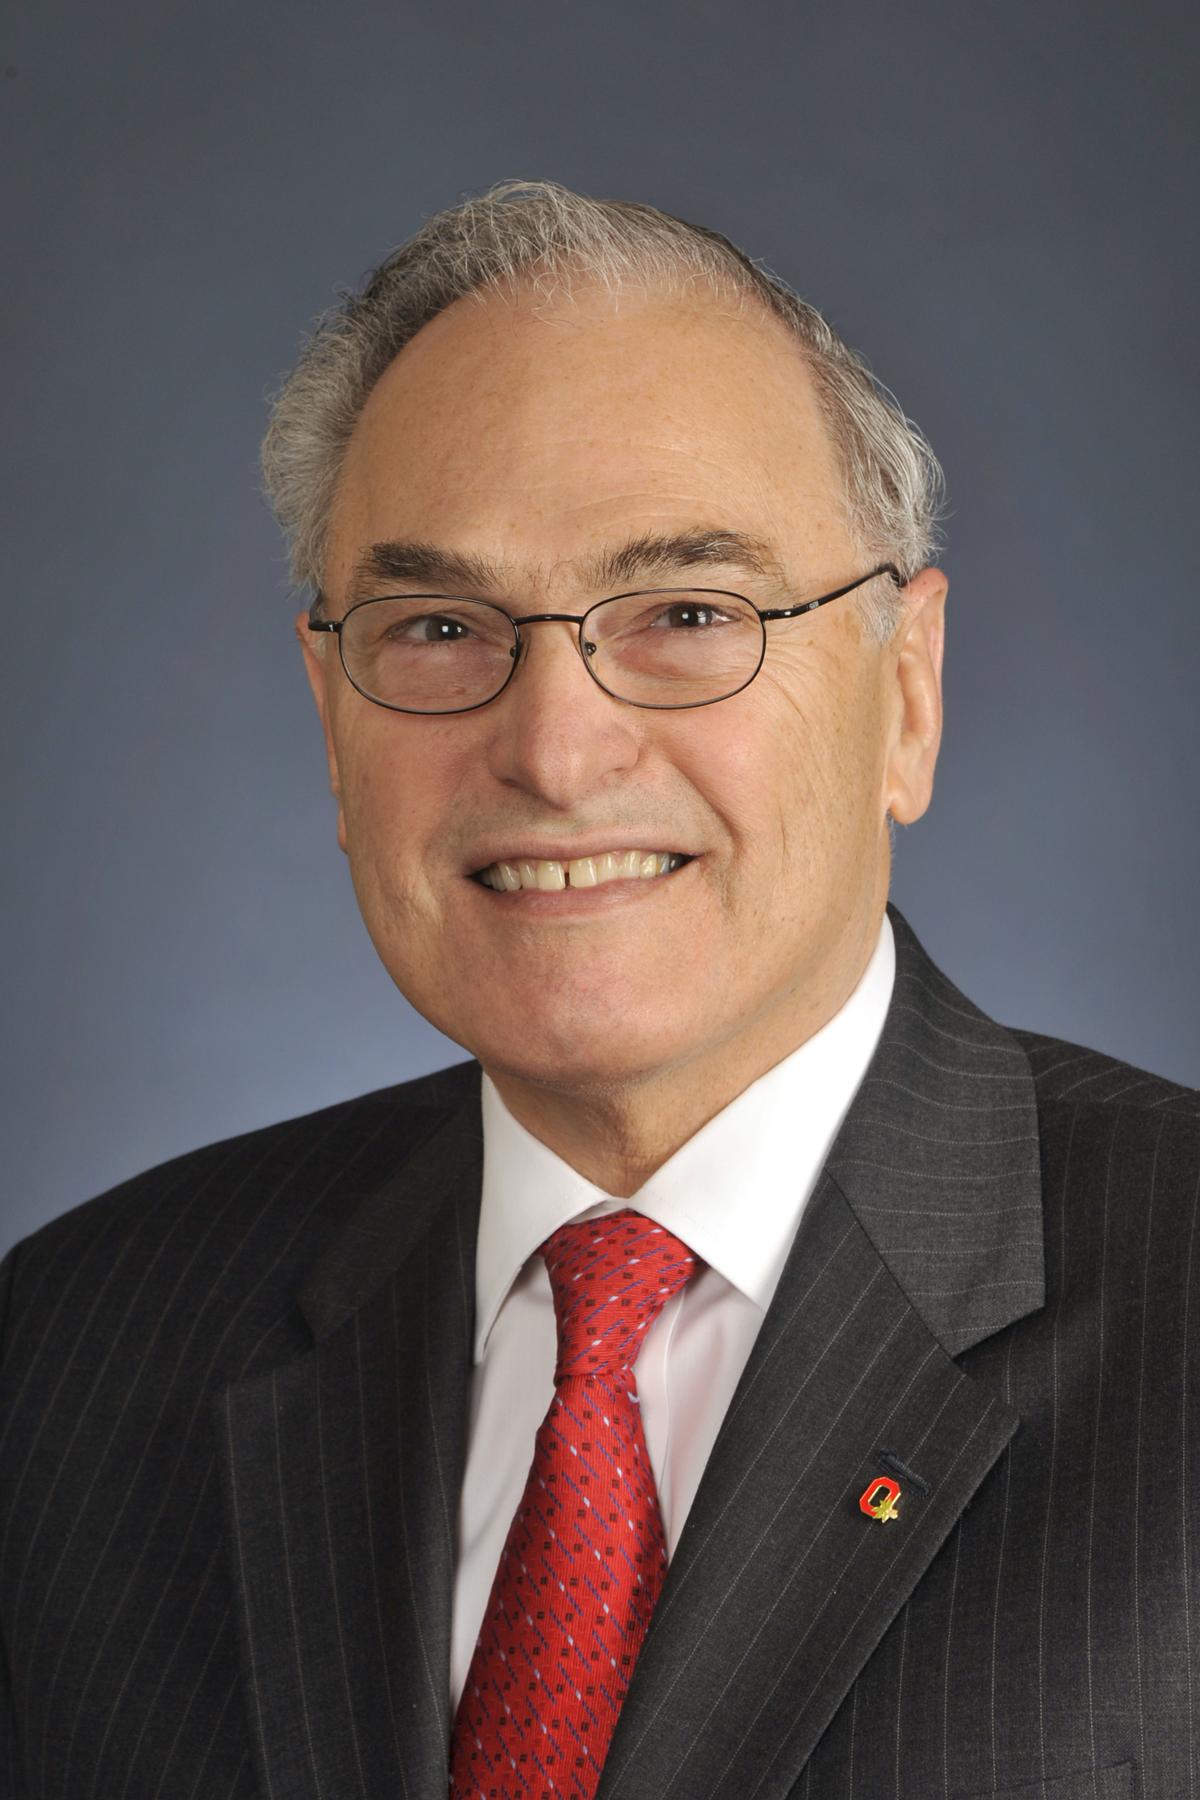 Joseph A. Alutto